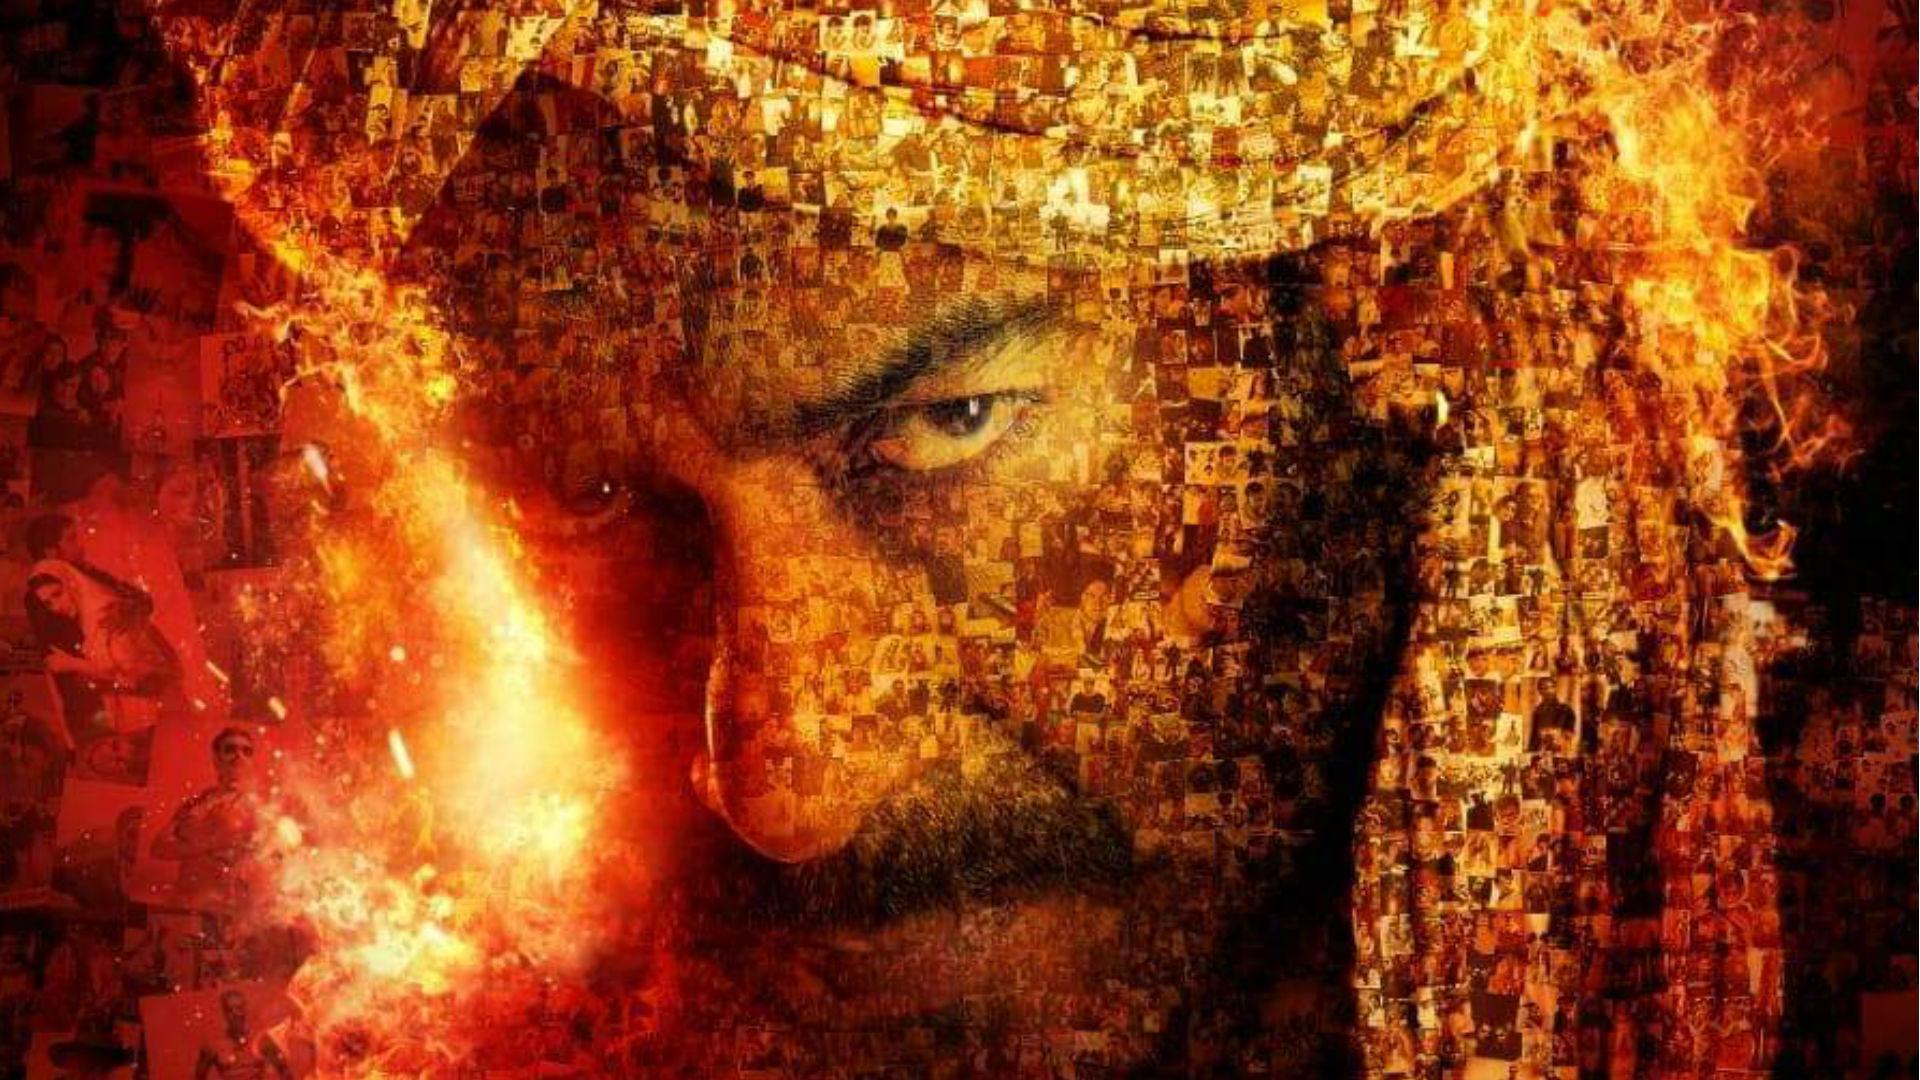 अजय देवगन की 100वीं फिल्म होगी तानाजीः द अनसंग वॉरियर, 2 मिनट में देखिए 30 साल के सफर की झलक